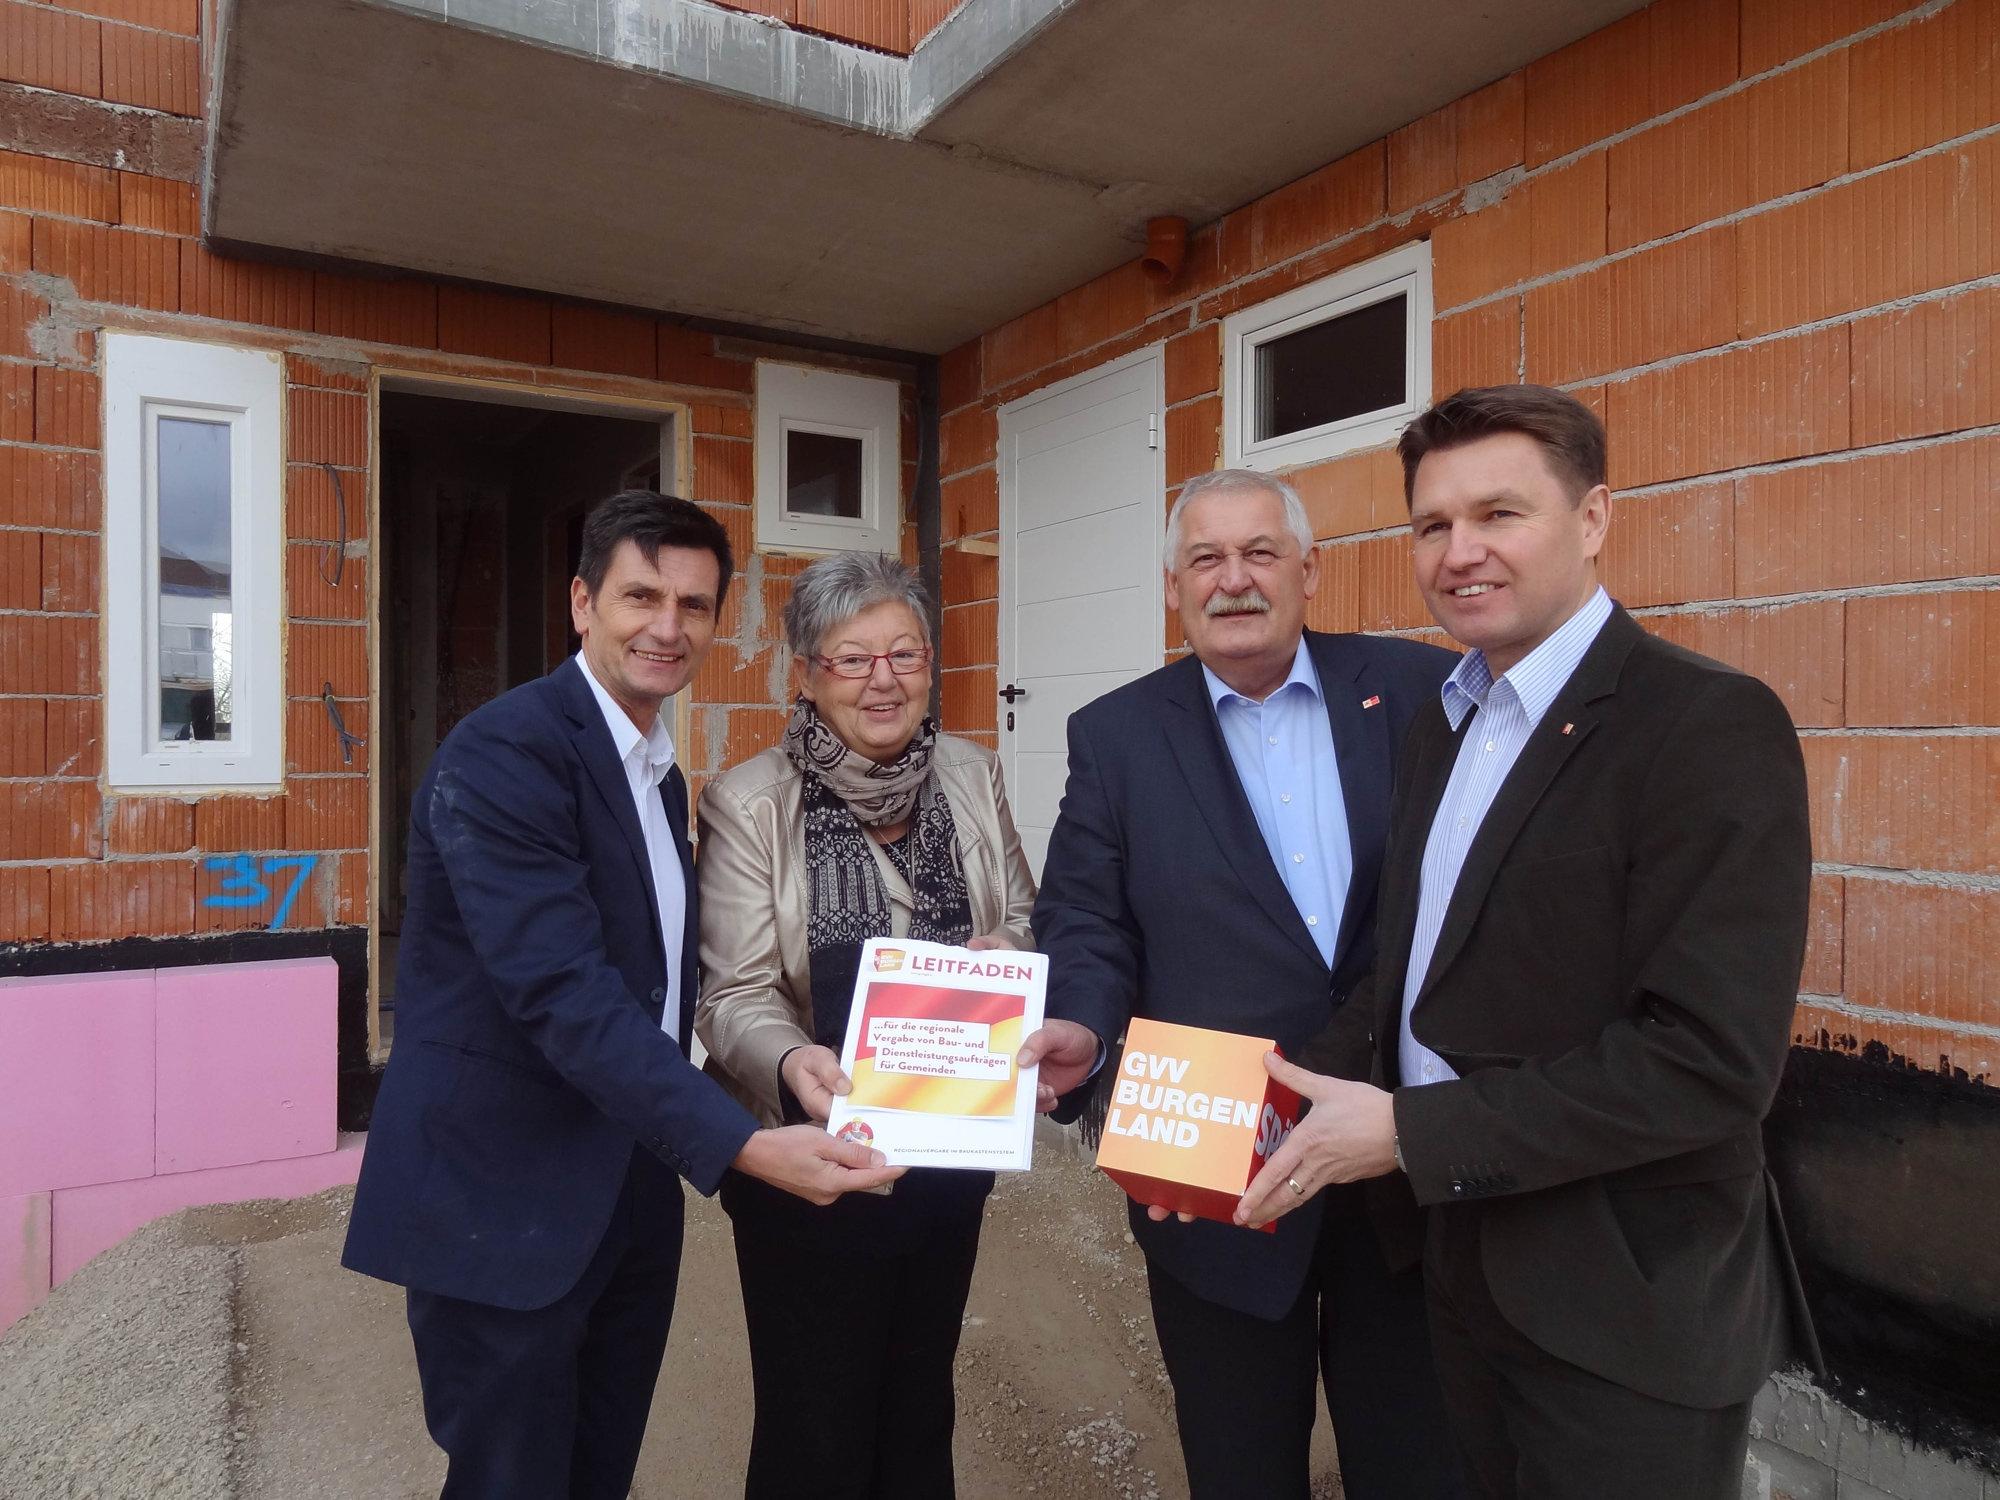 Bau Auf Burgenland Vergabe Leitfaden Für Gemeinden Schützt